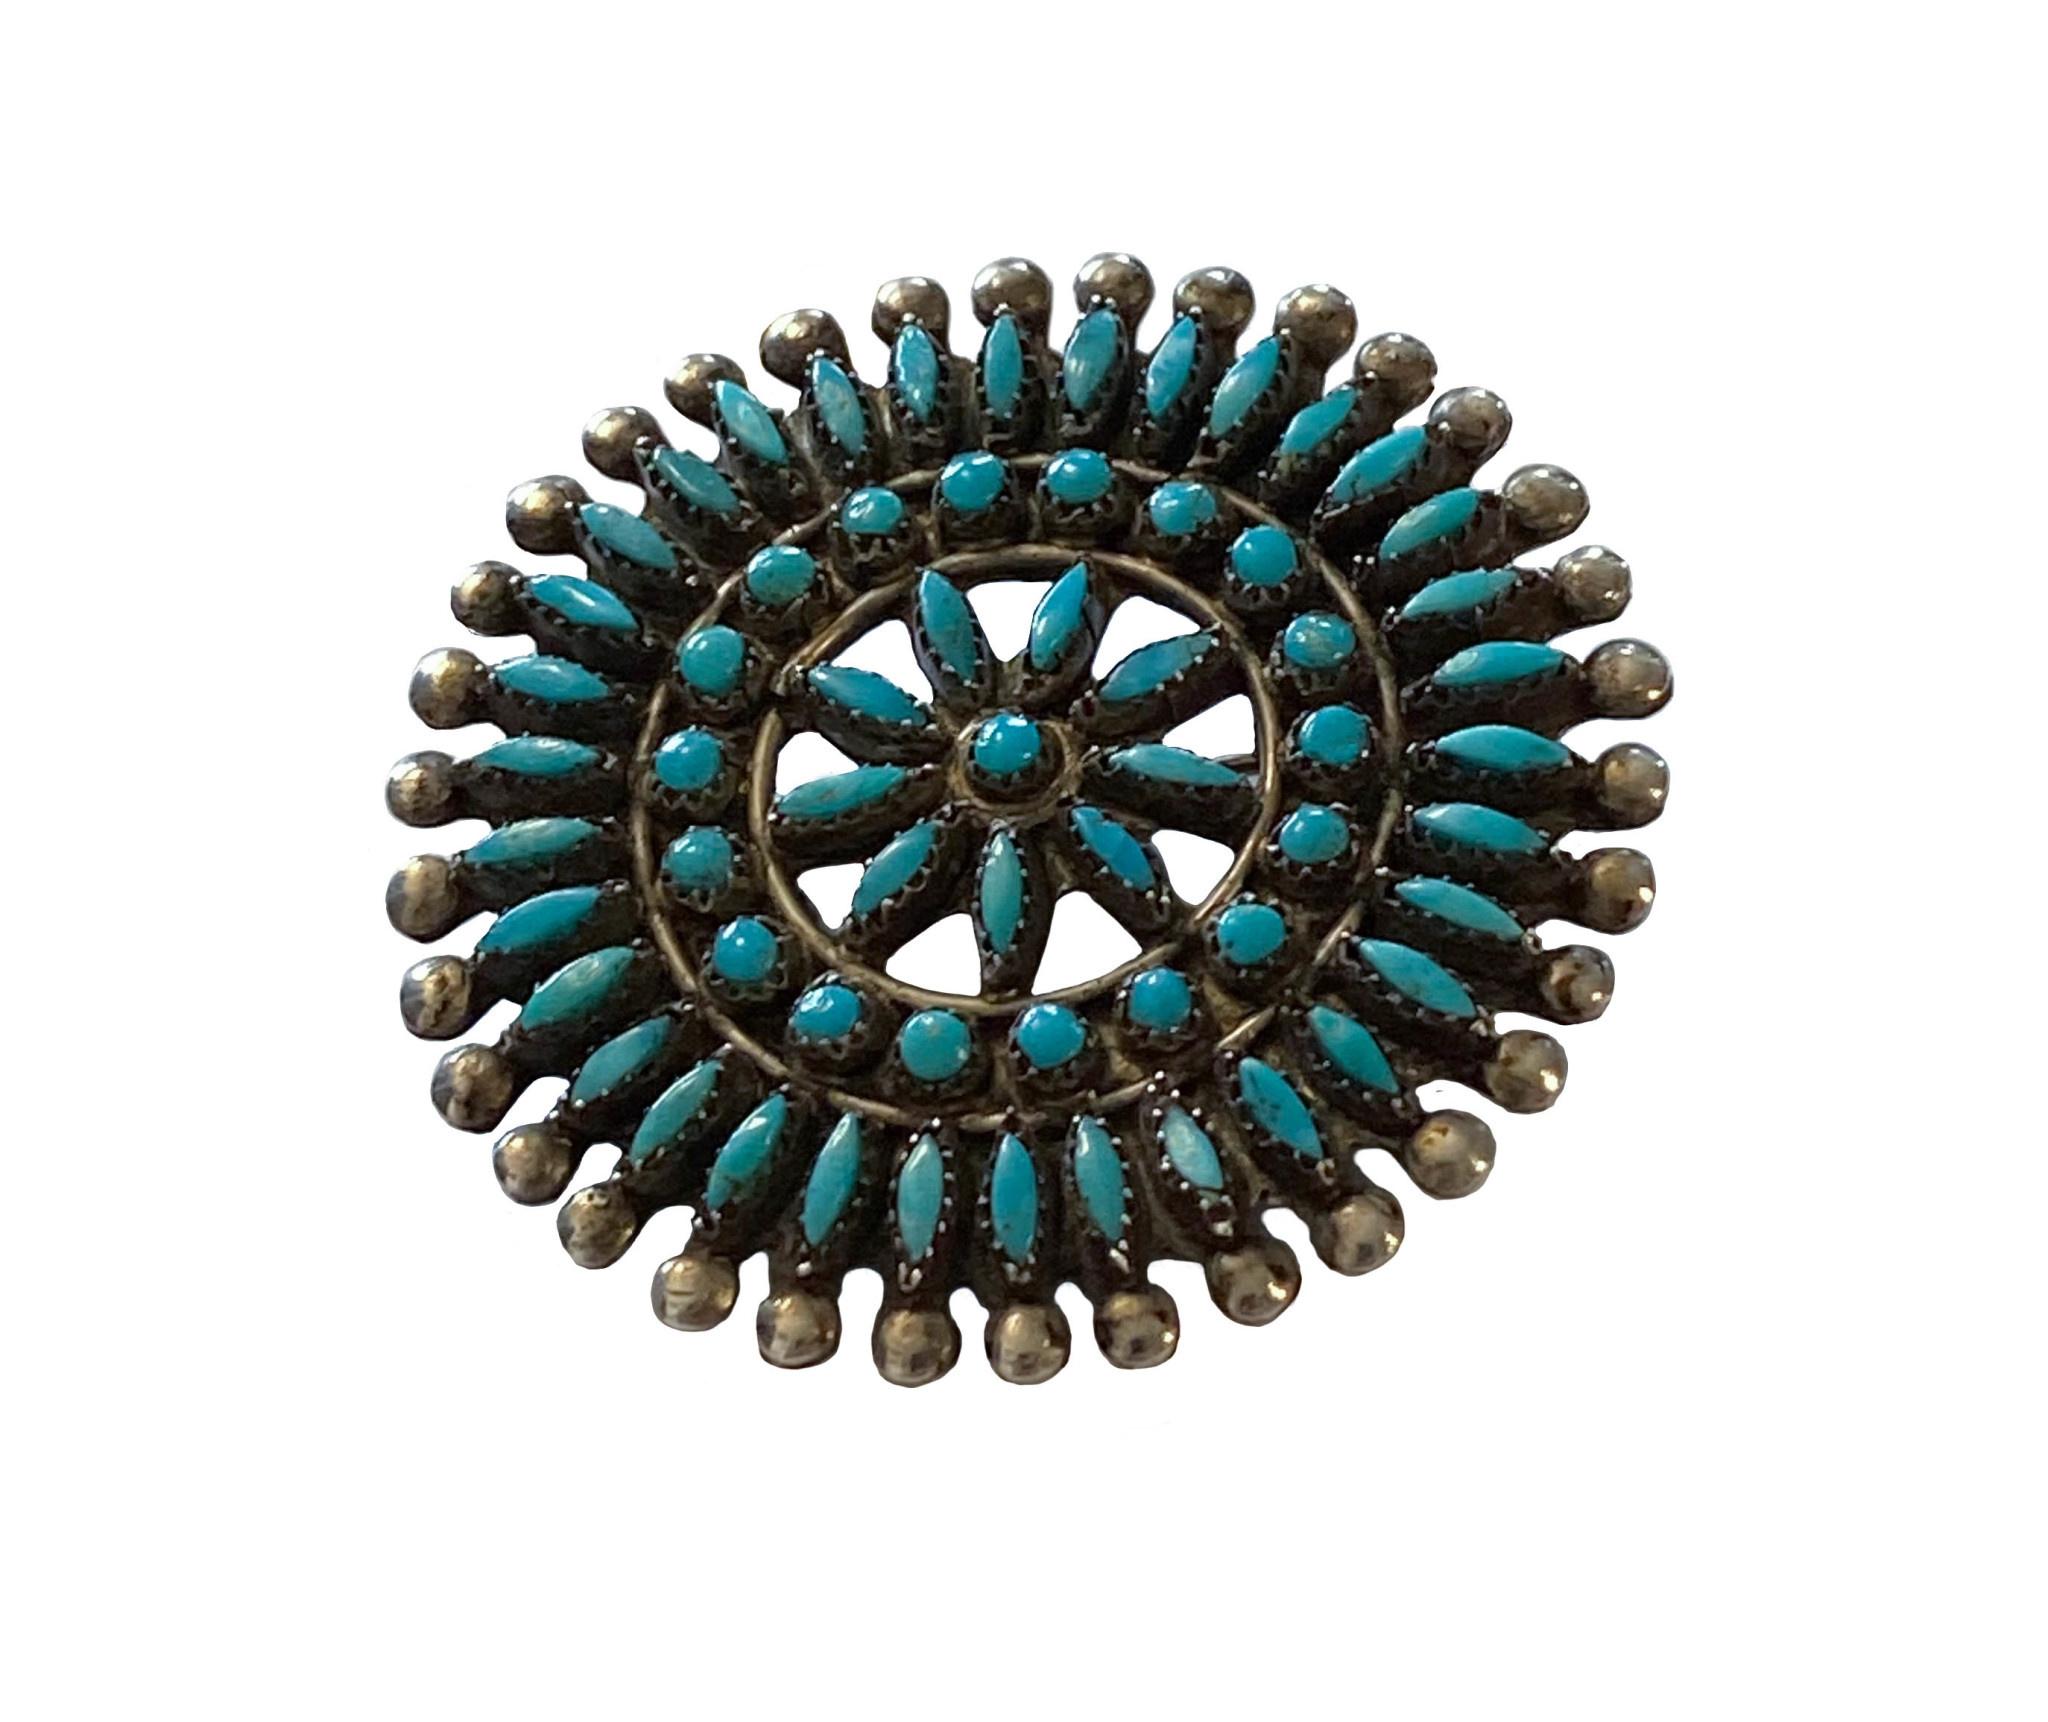 Vintage Zuni Cluster Broach (circa 1970's)